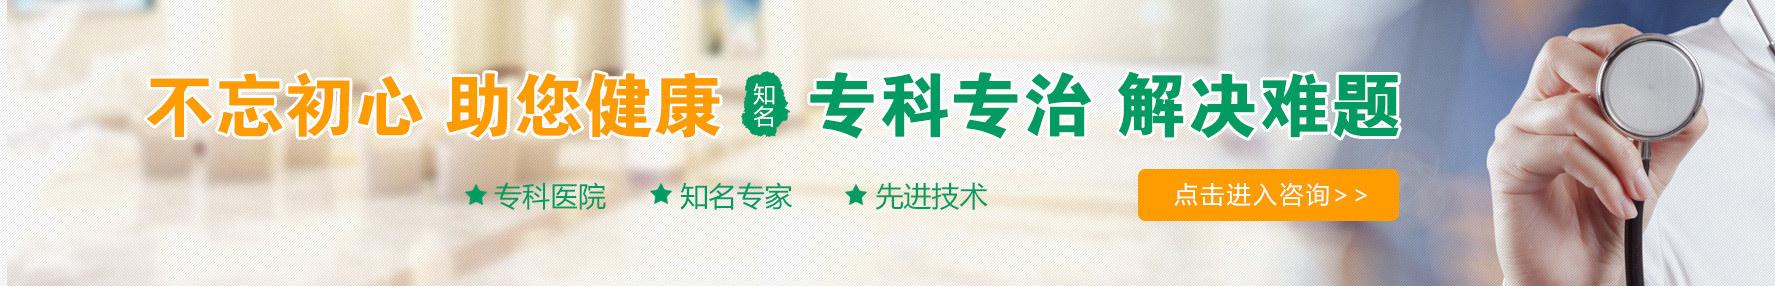 贵州癫痫病医院